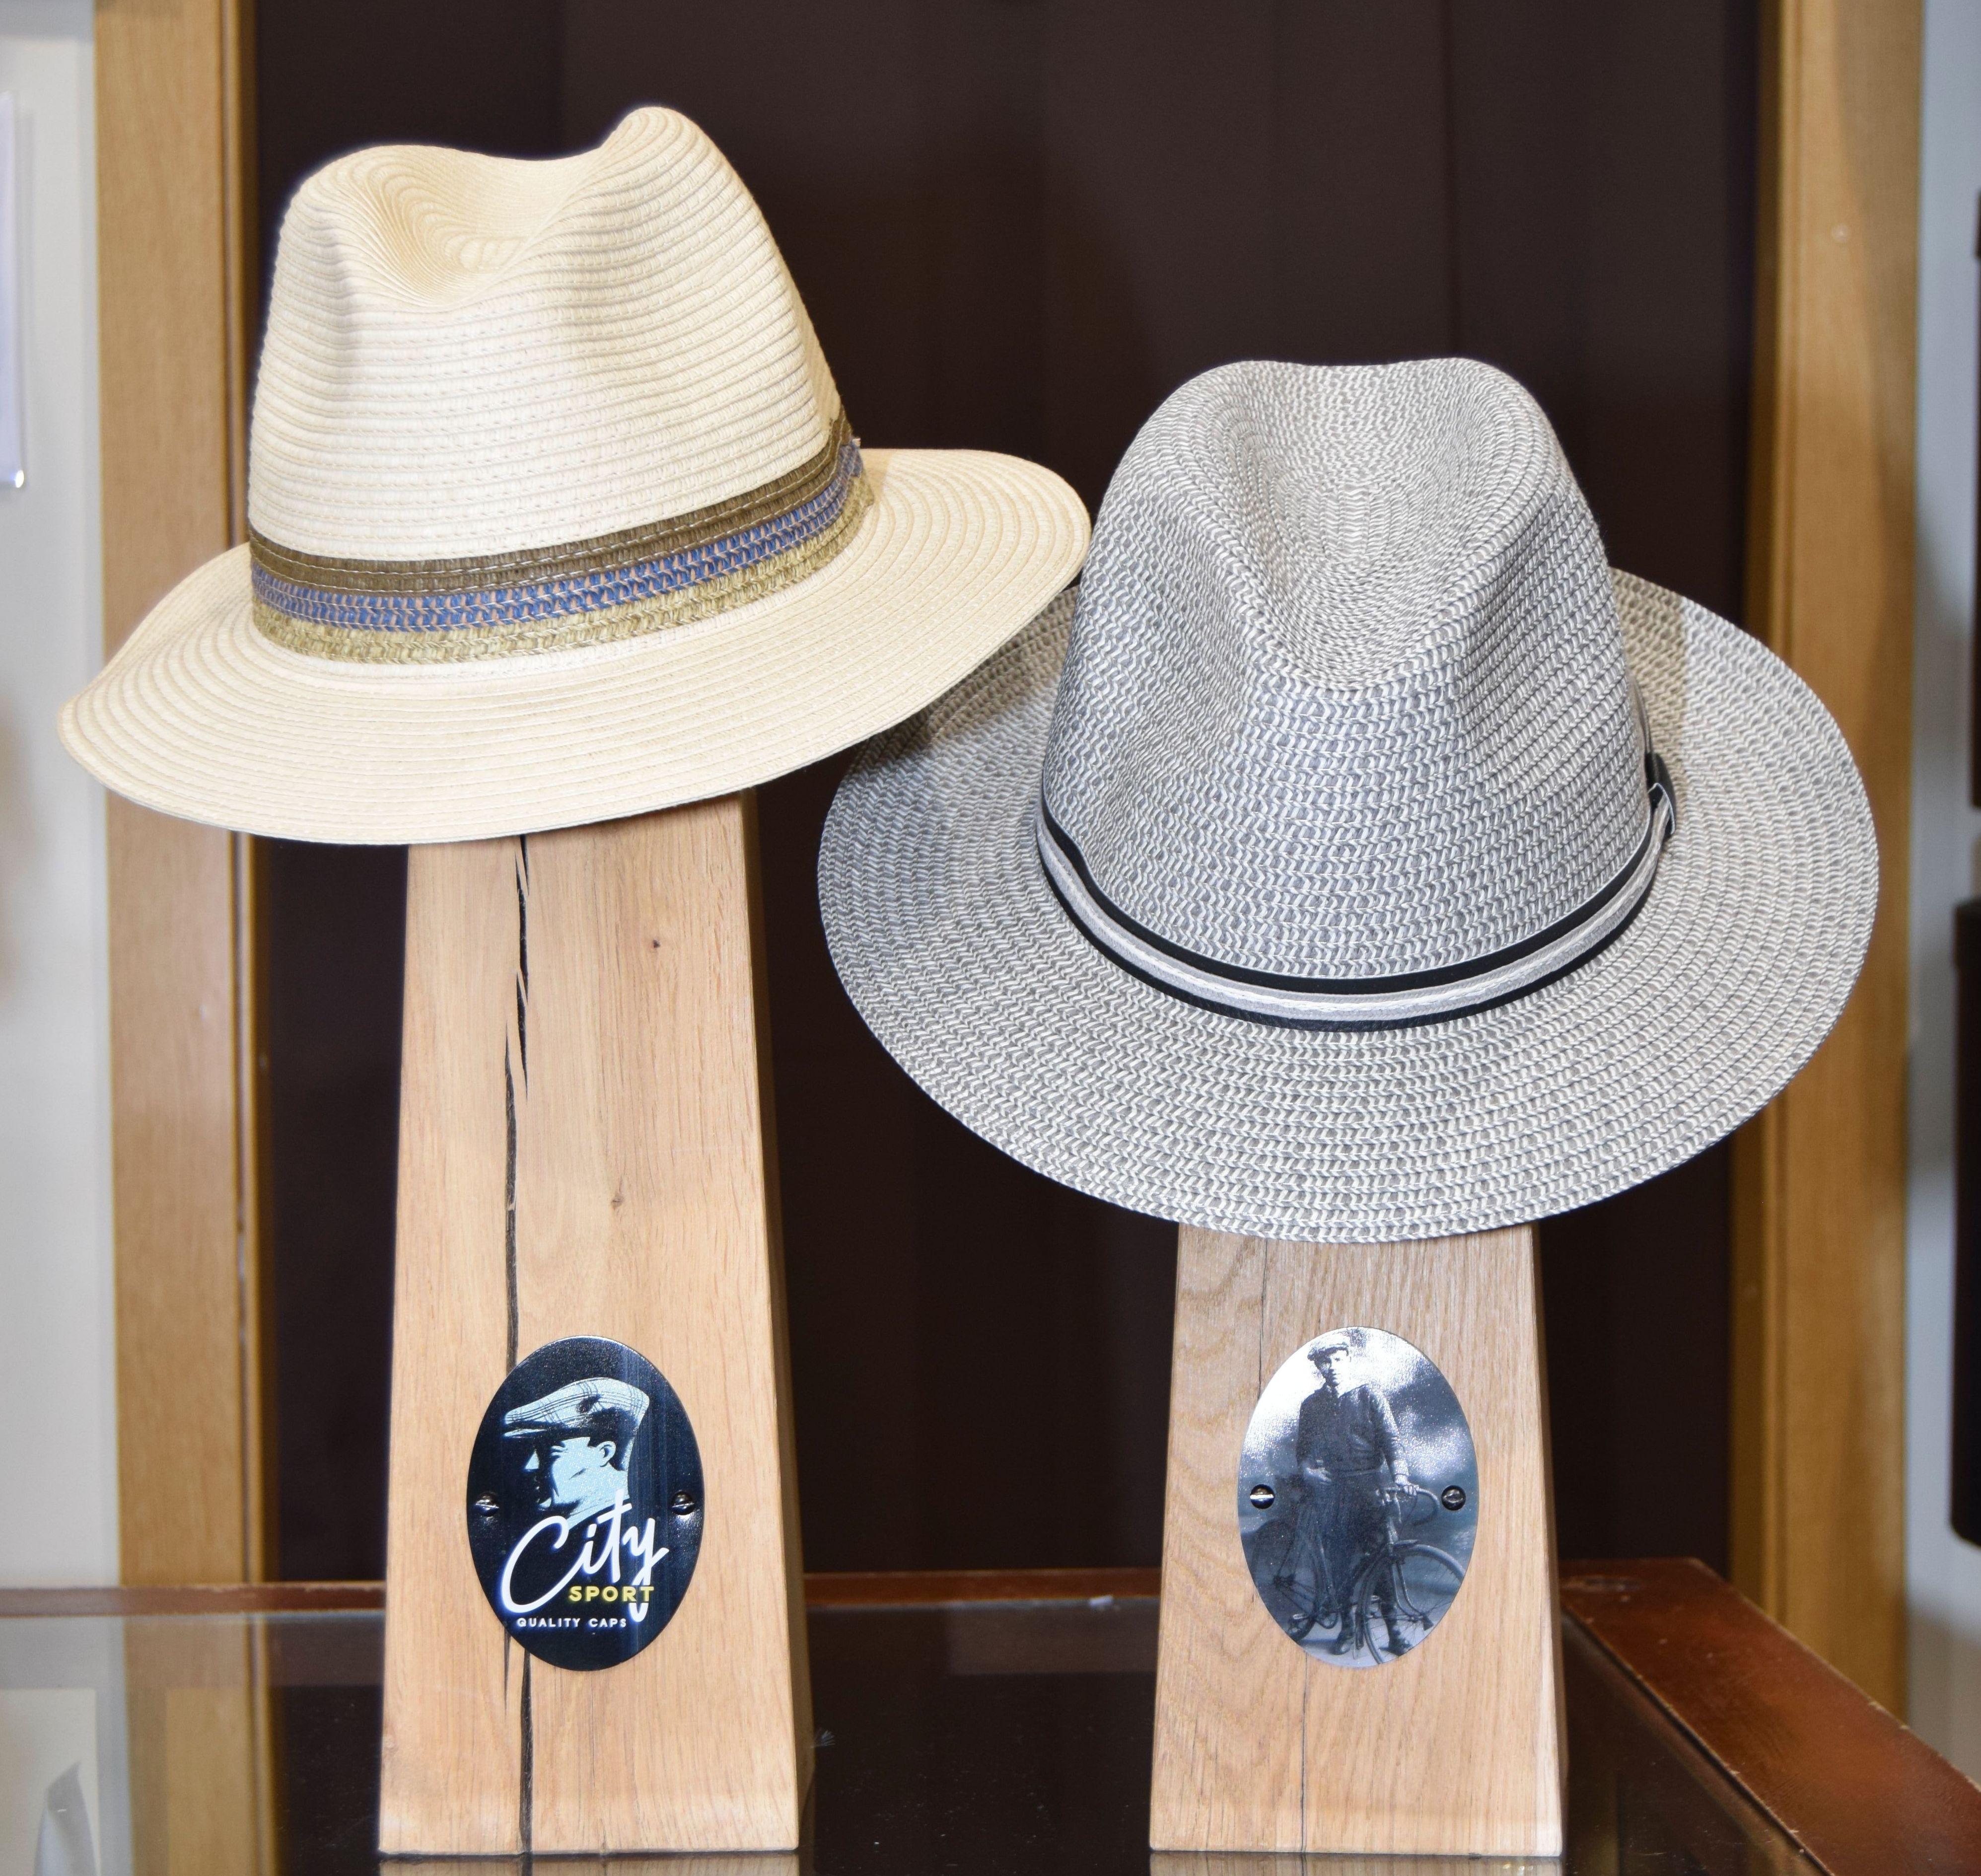 Sombrero papel: Catálogo de Sombrerería Citysport